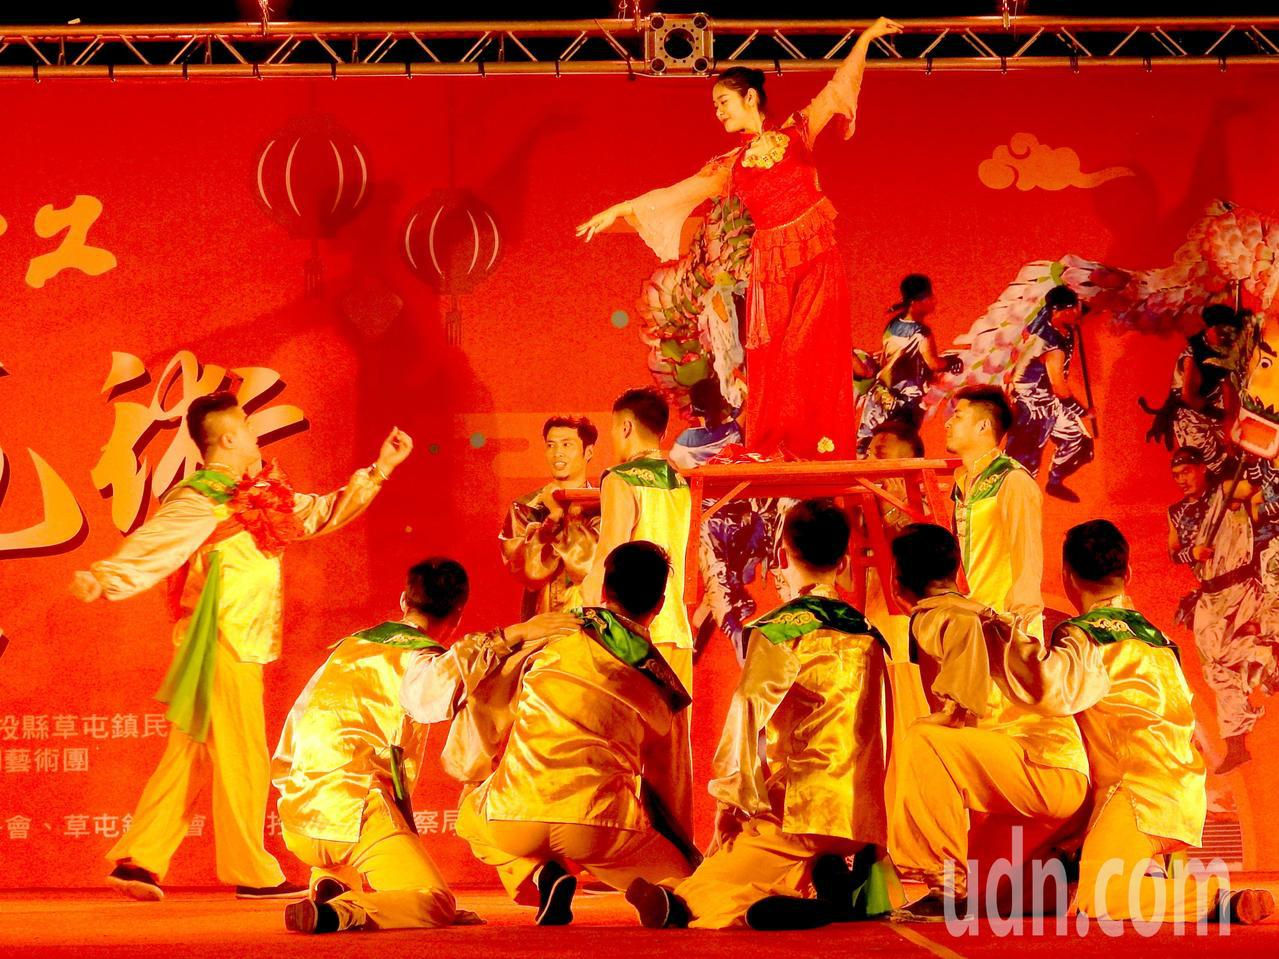 詩畫浙江燈彩藝術表演涵蓋多元,除百葉龍、九獅圖,還有「群舞」岕里婚慶等演出。記者...